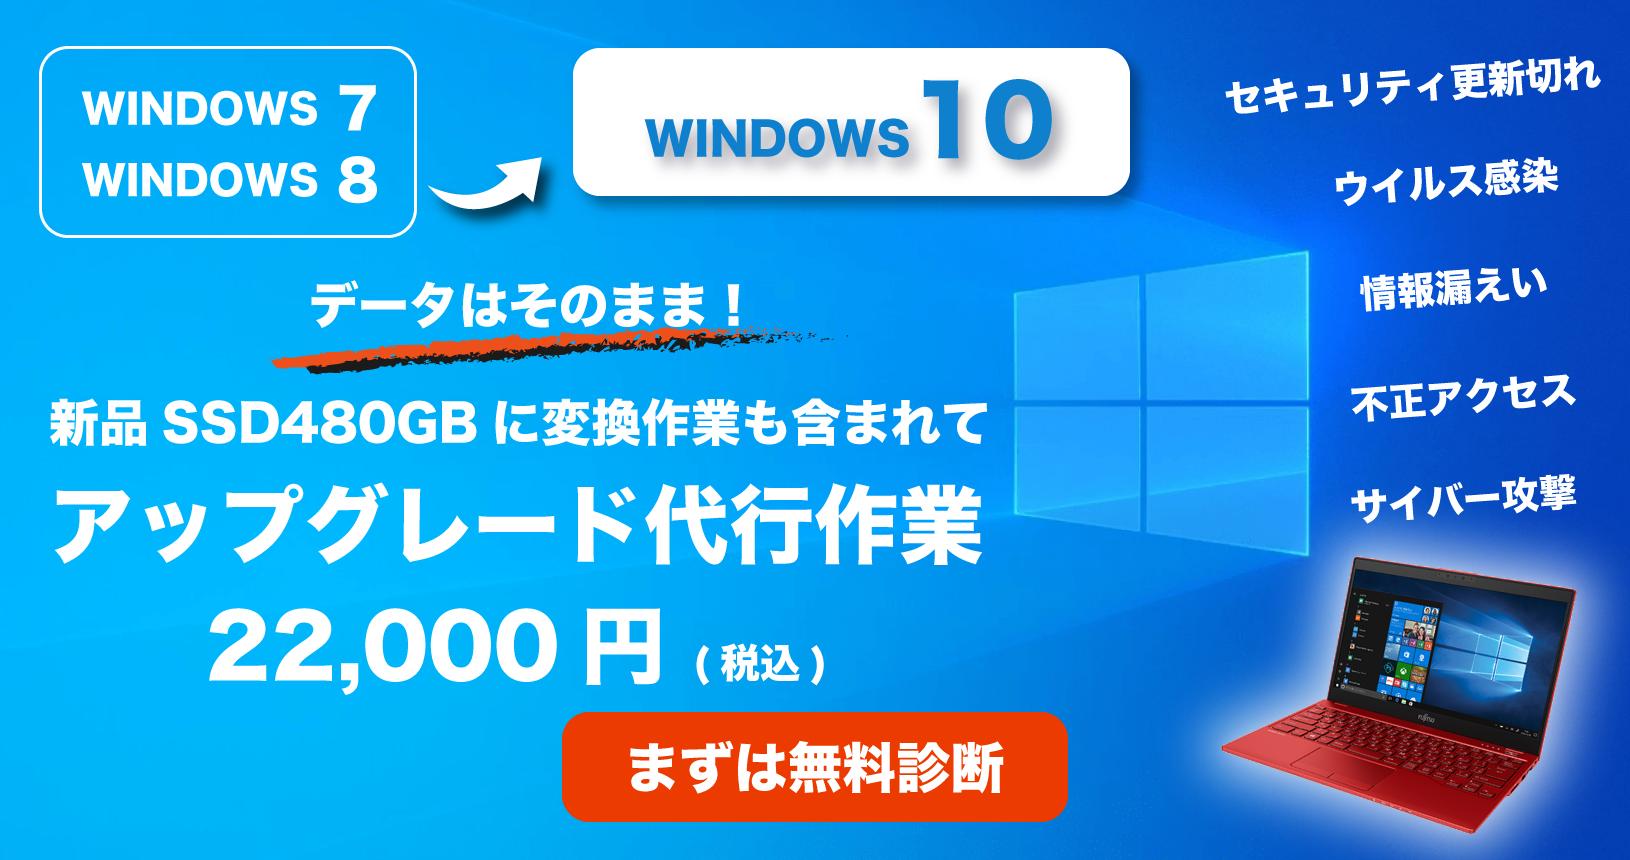 データはそのまま!Windows7や8をWindows10に格安アップグレード!